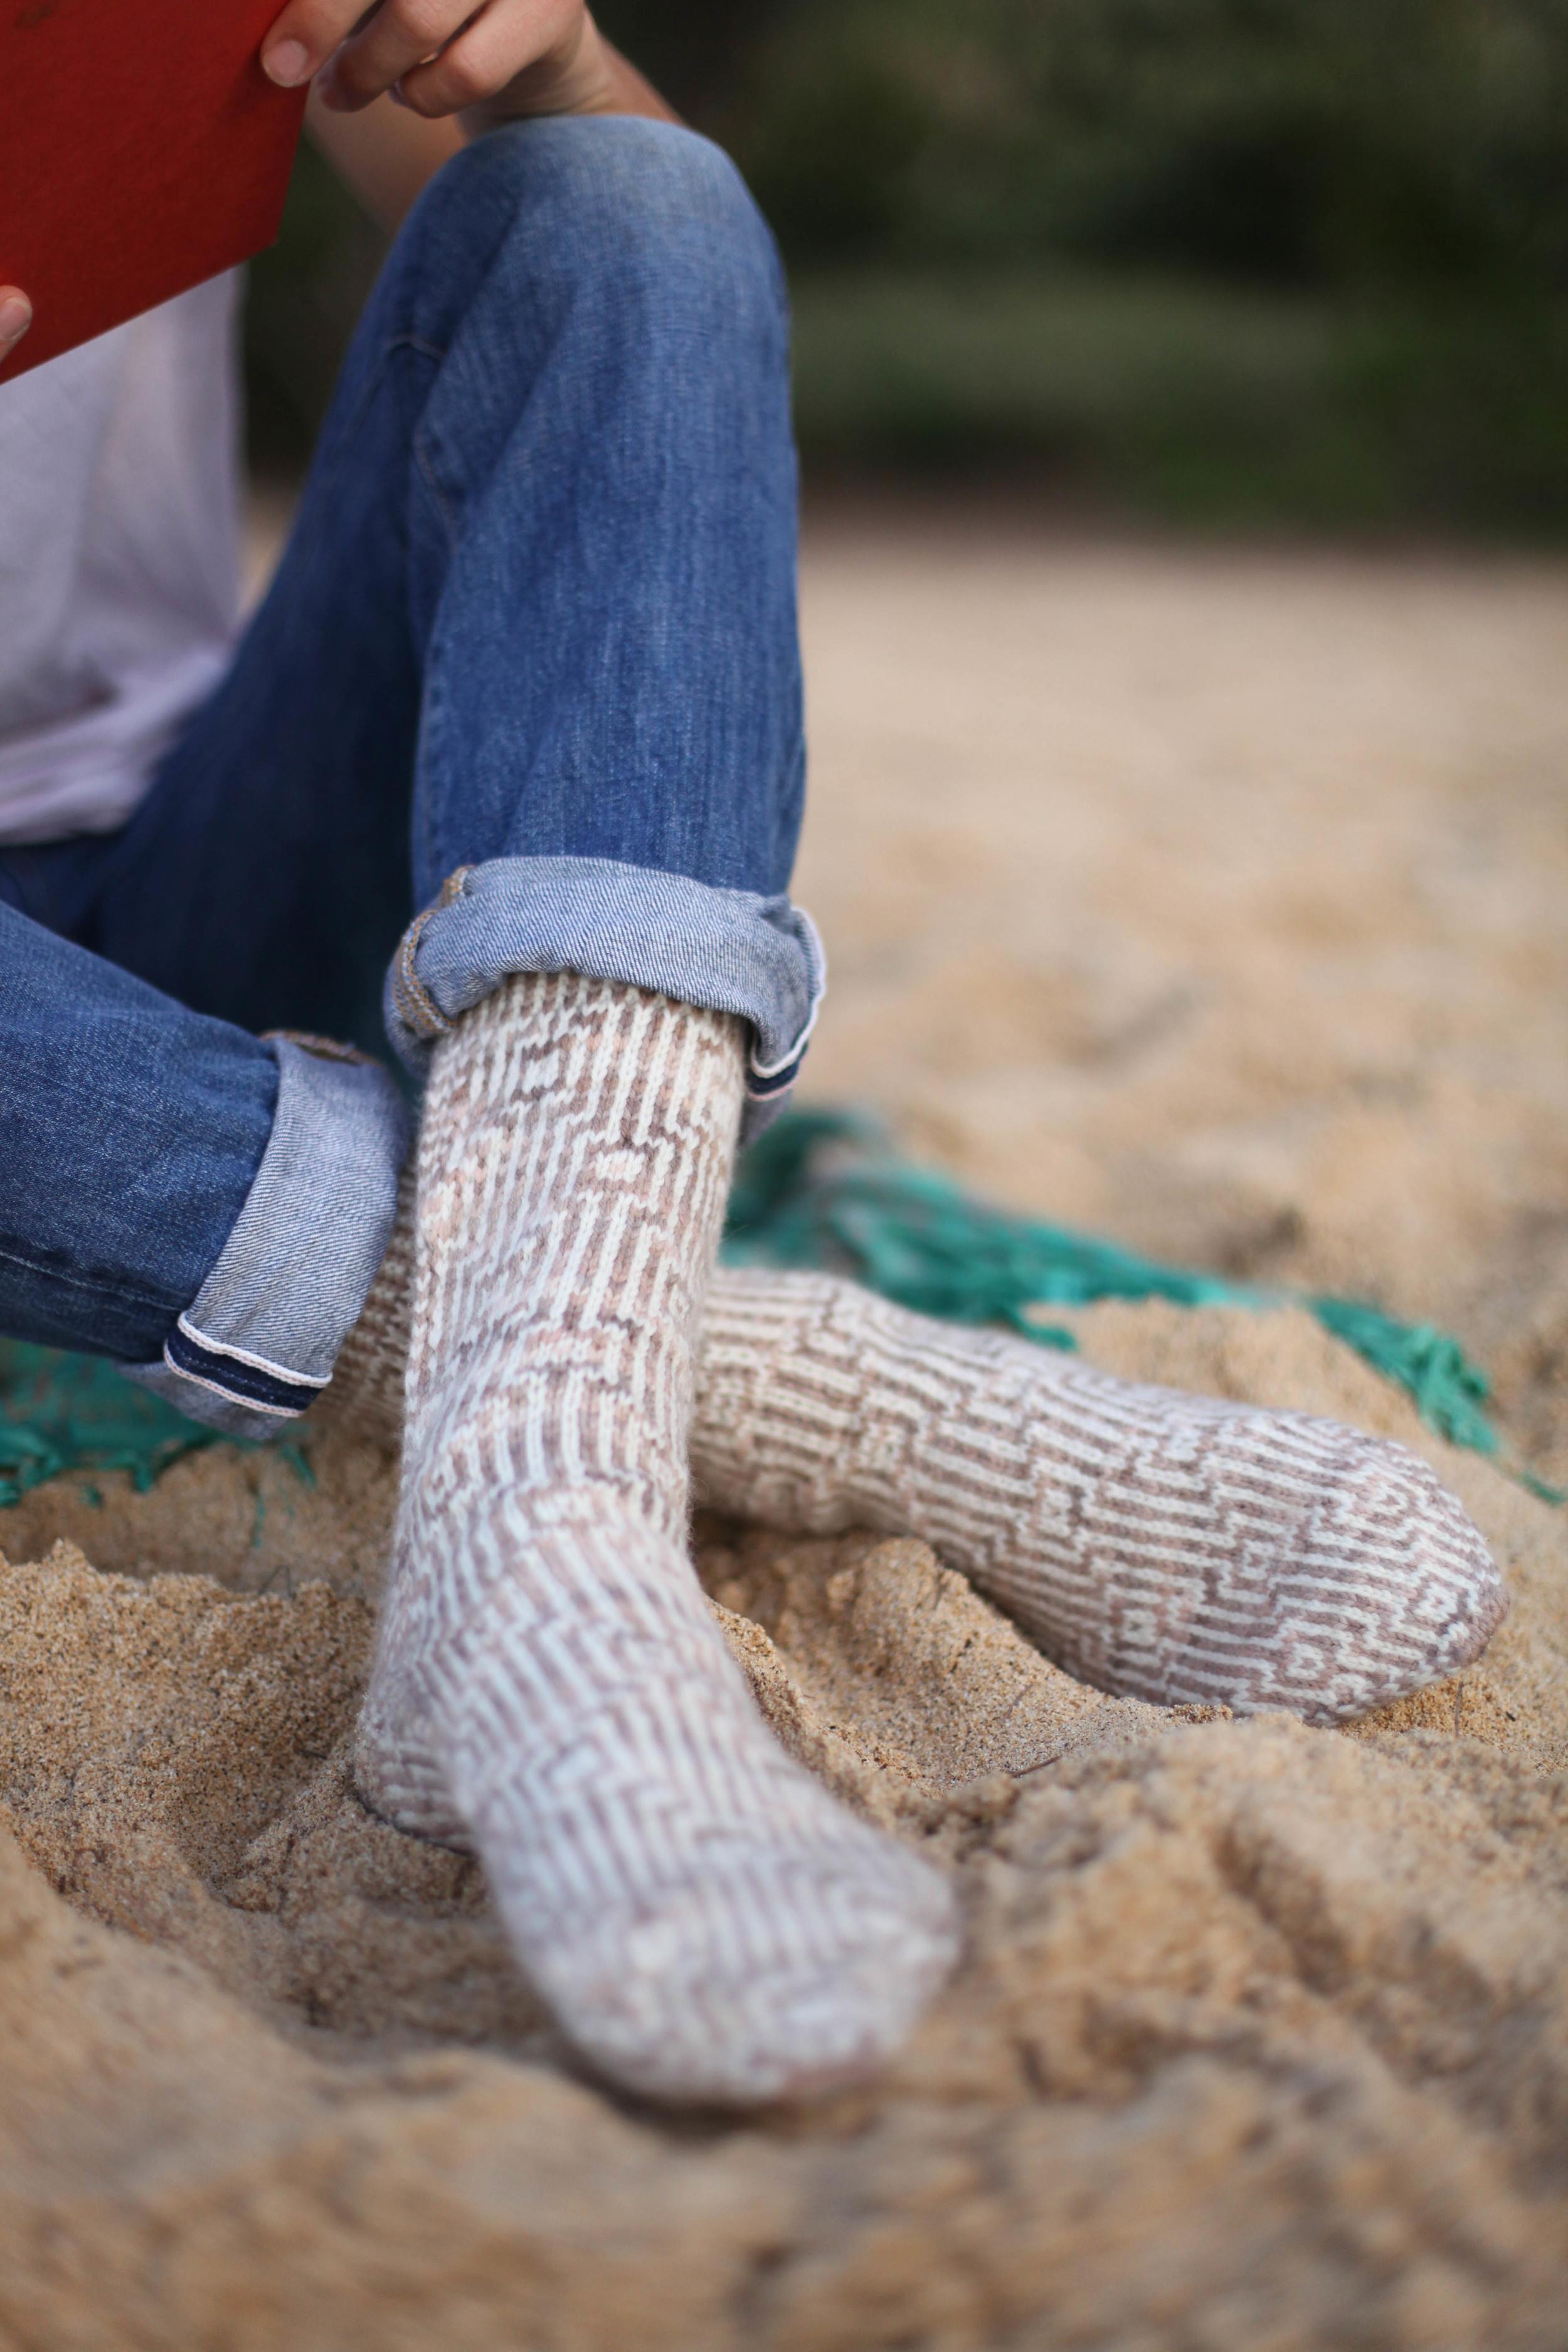 Chittick Slipper Socks